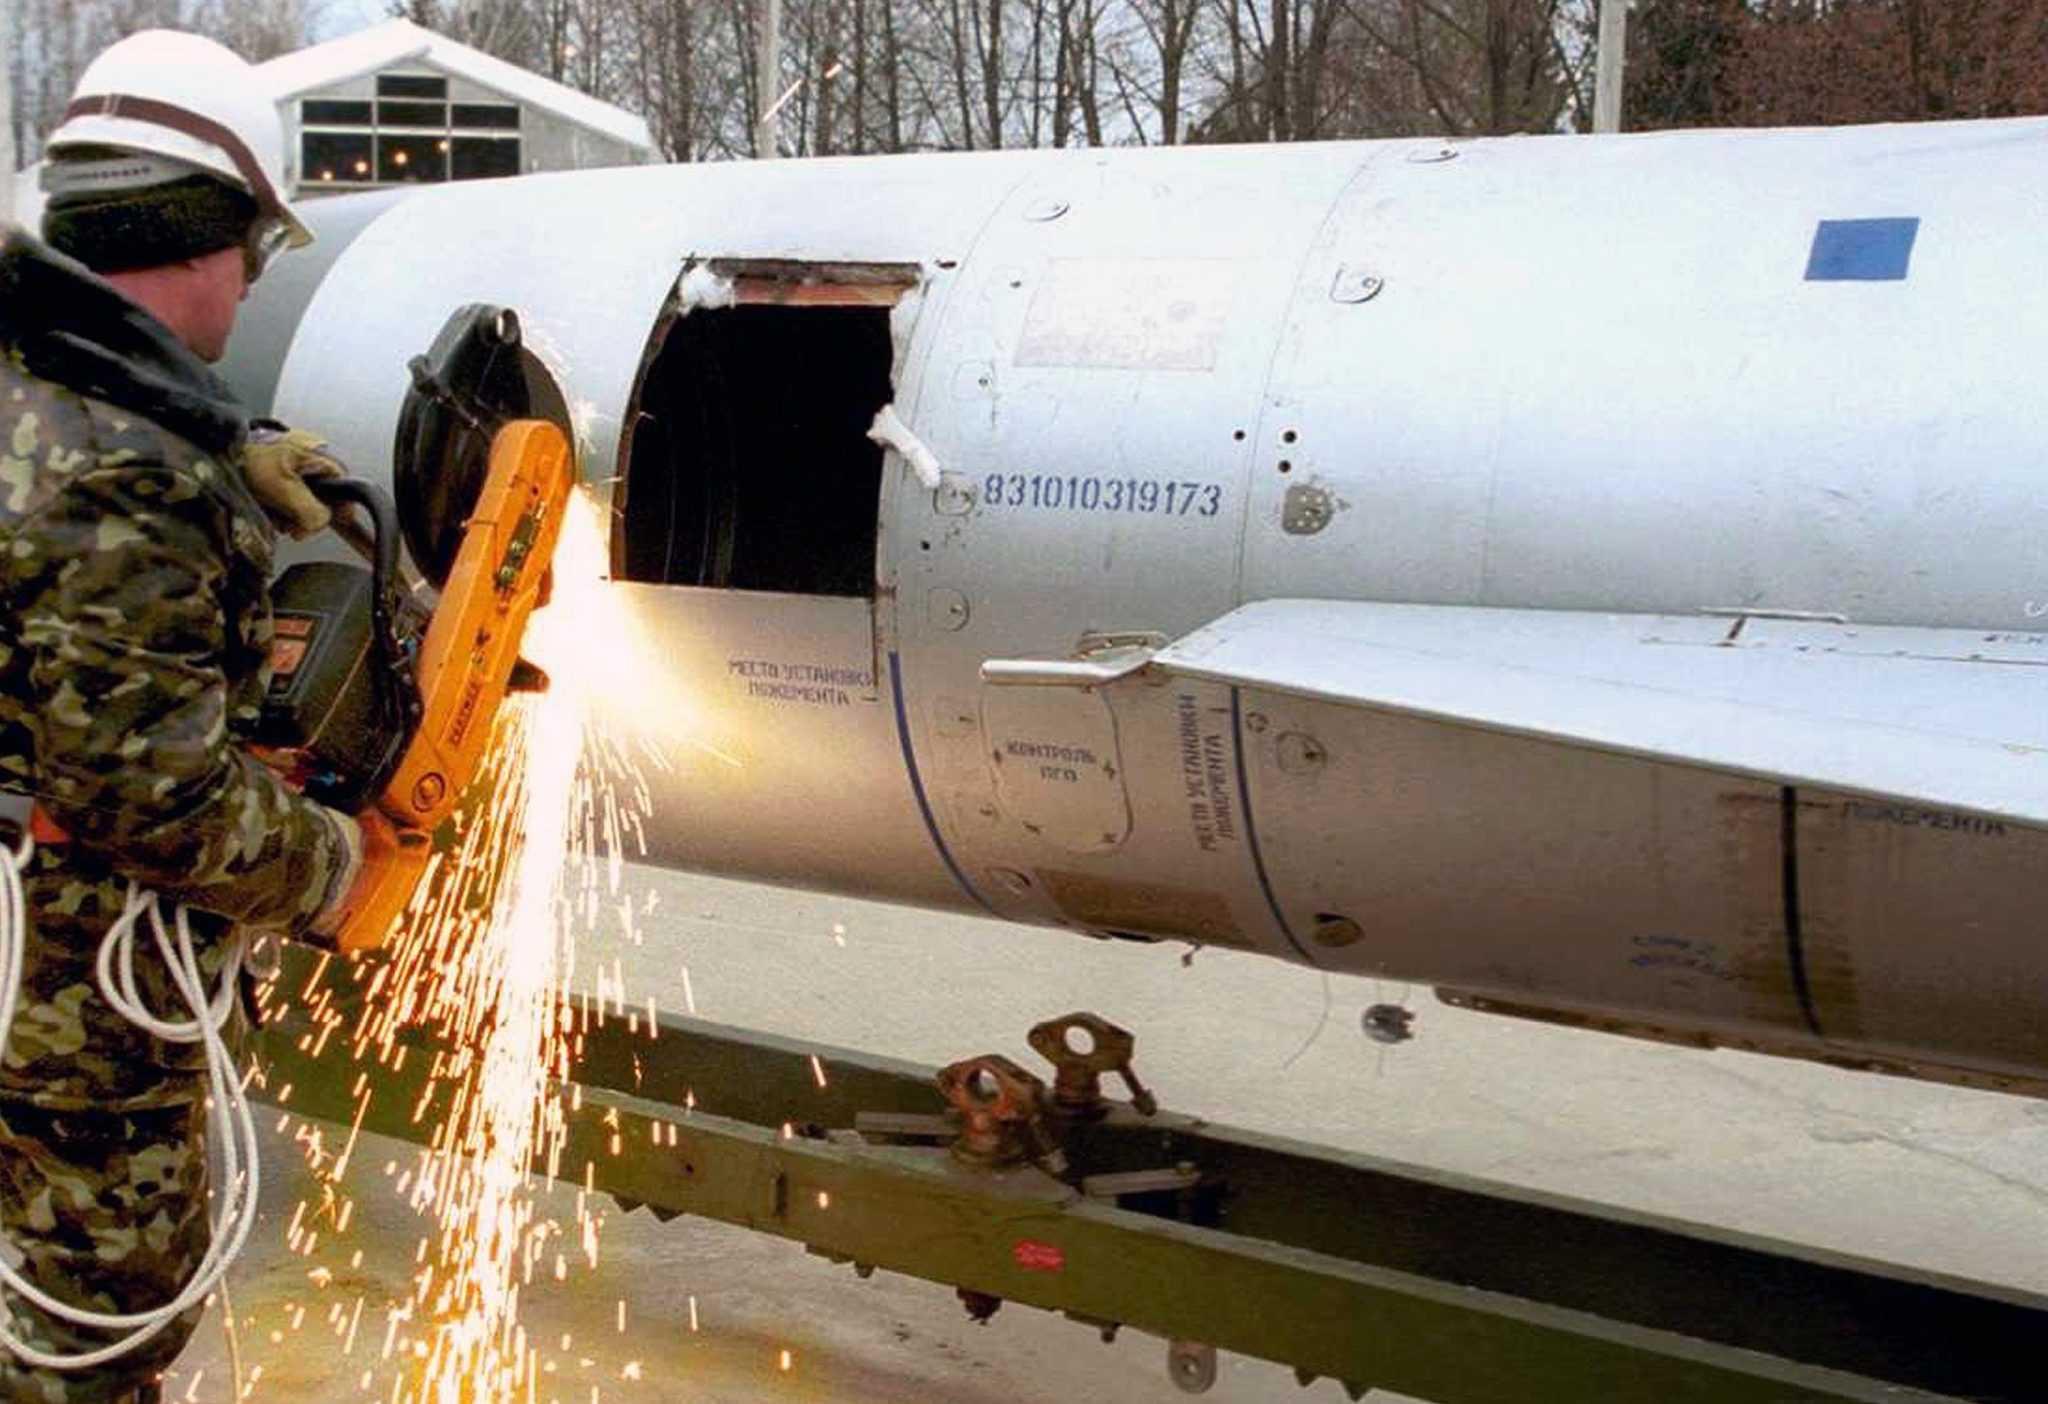 демонтаж корпуса ракеты во время утилизации